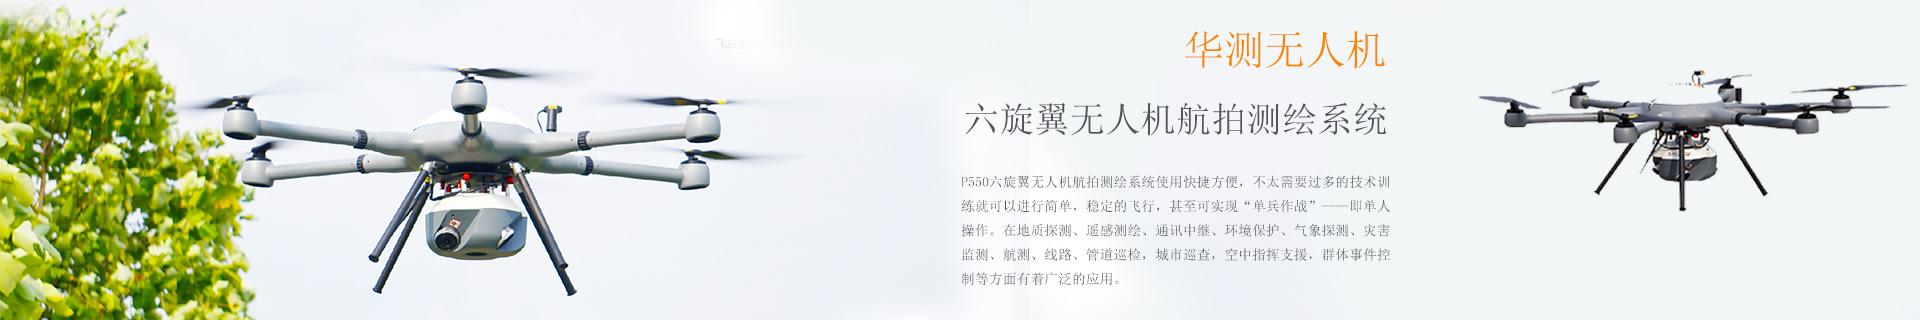 貴州華測RTK